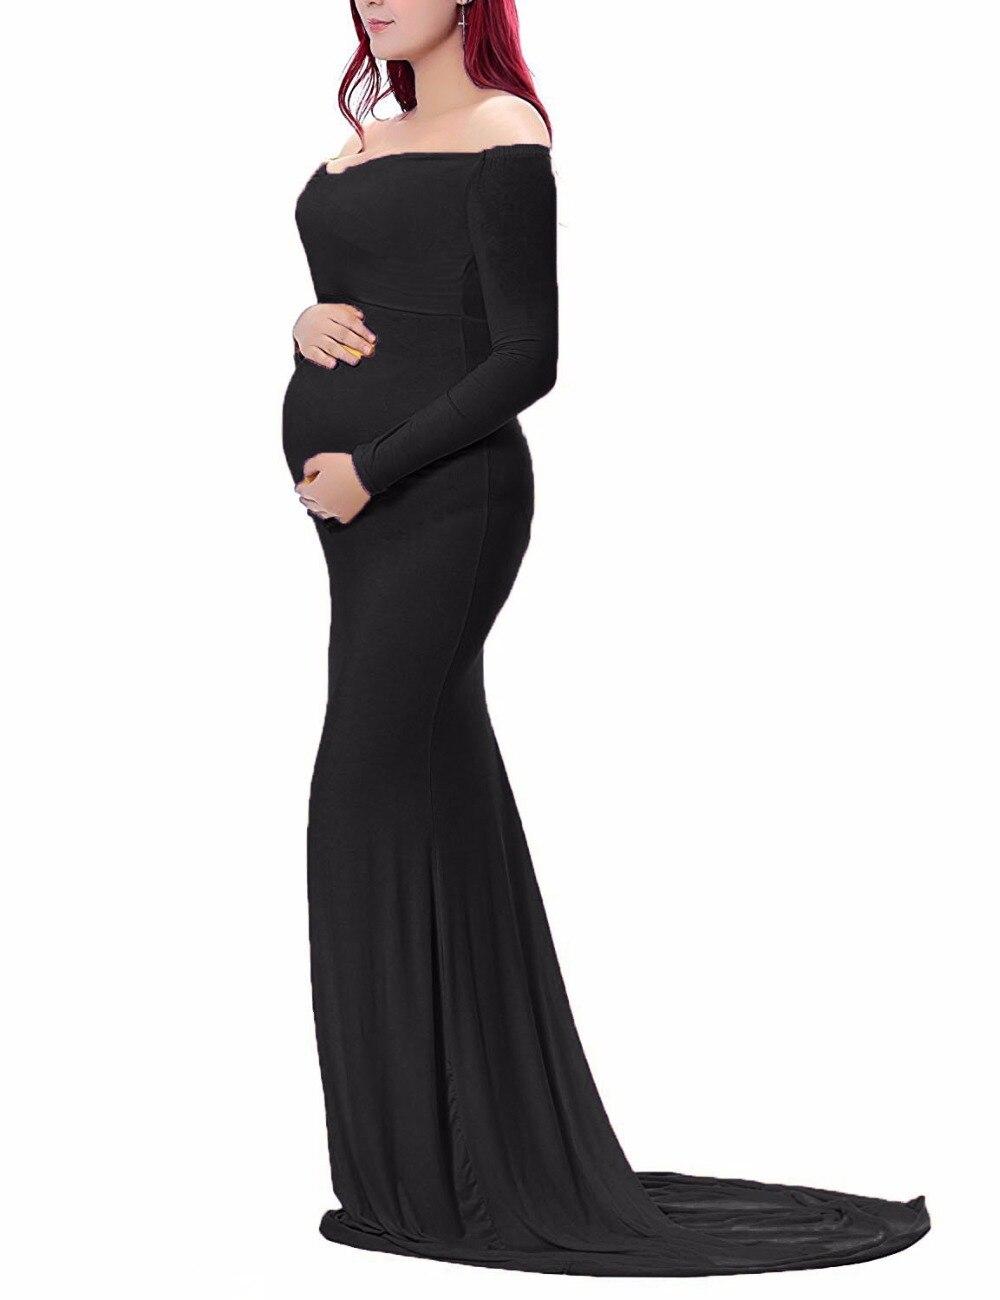 f51b3fe7b2332 Elegant Maternity Dress For Baby Shower